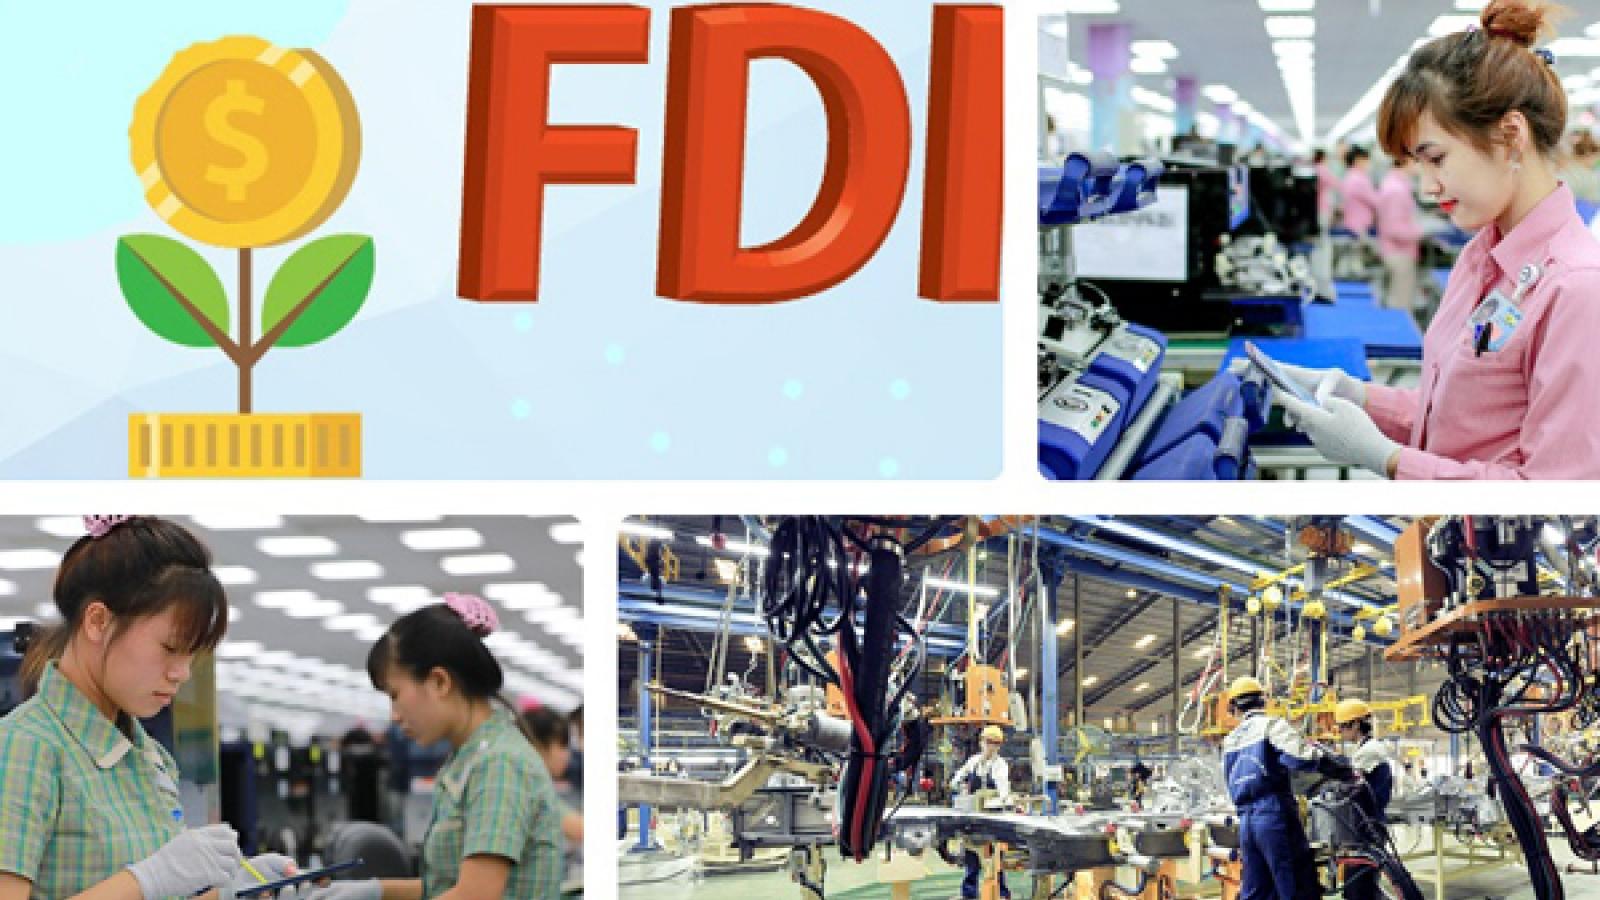 Nhà đầu tư FDI: Mong muốn nhà máy hoạt động không dừng